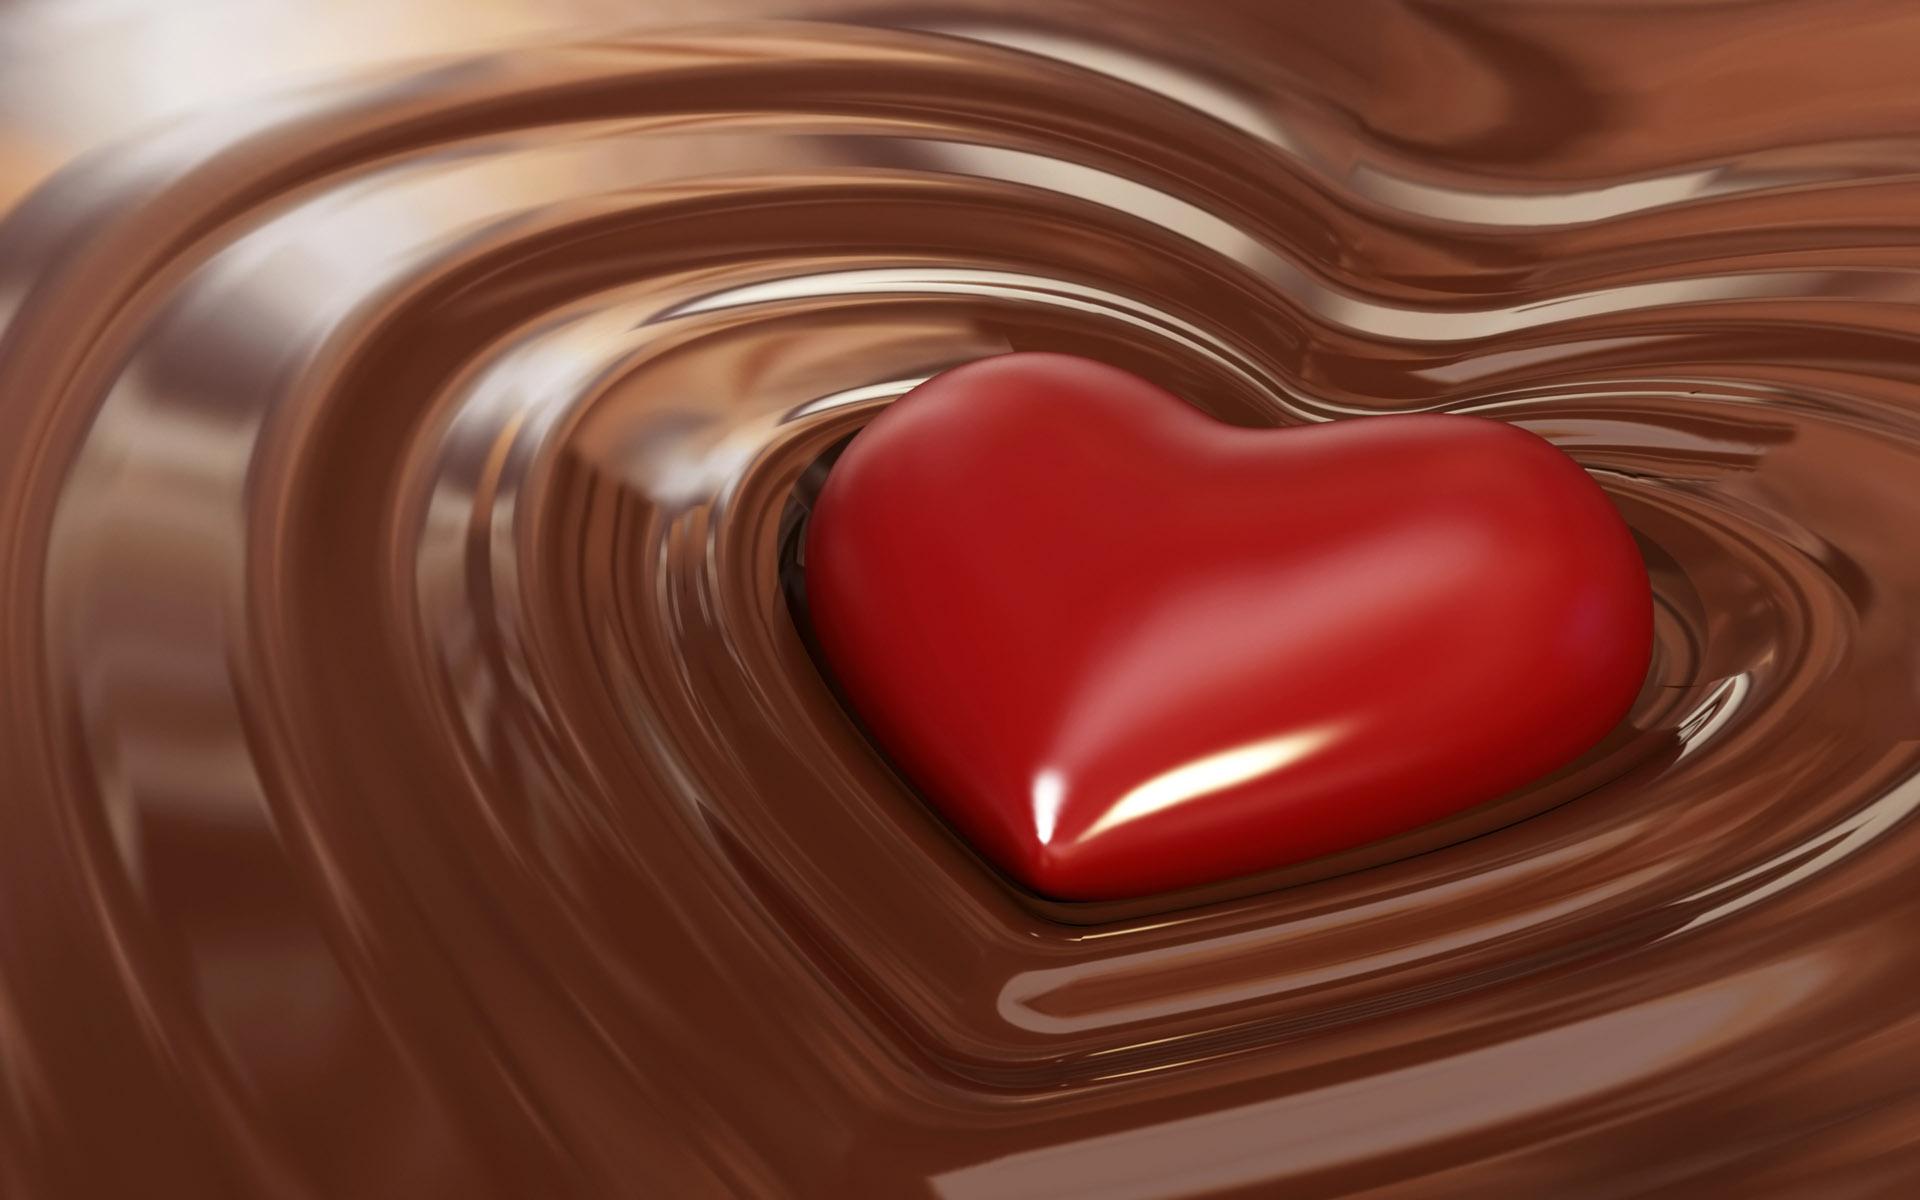 Un cuore nel cioccolato